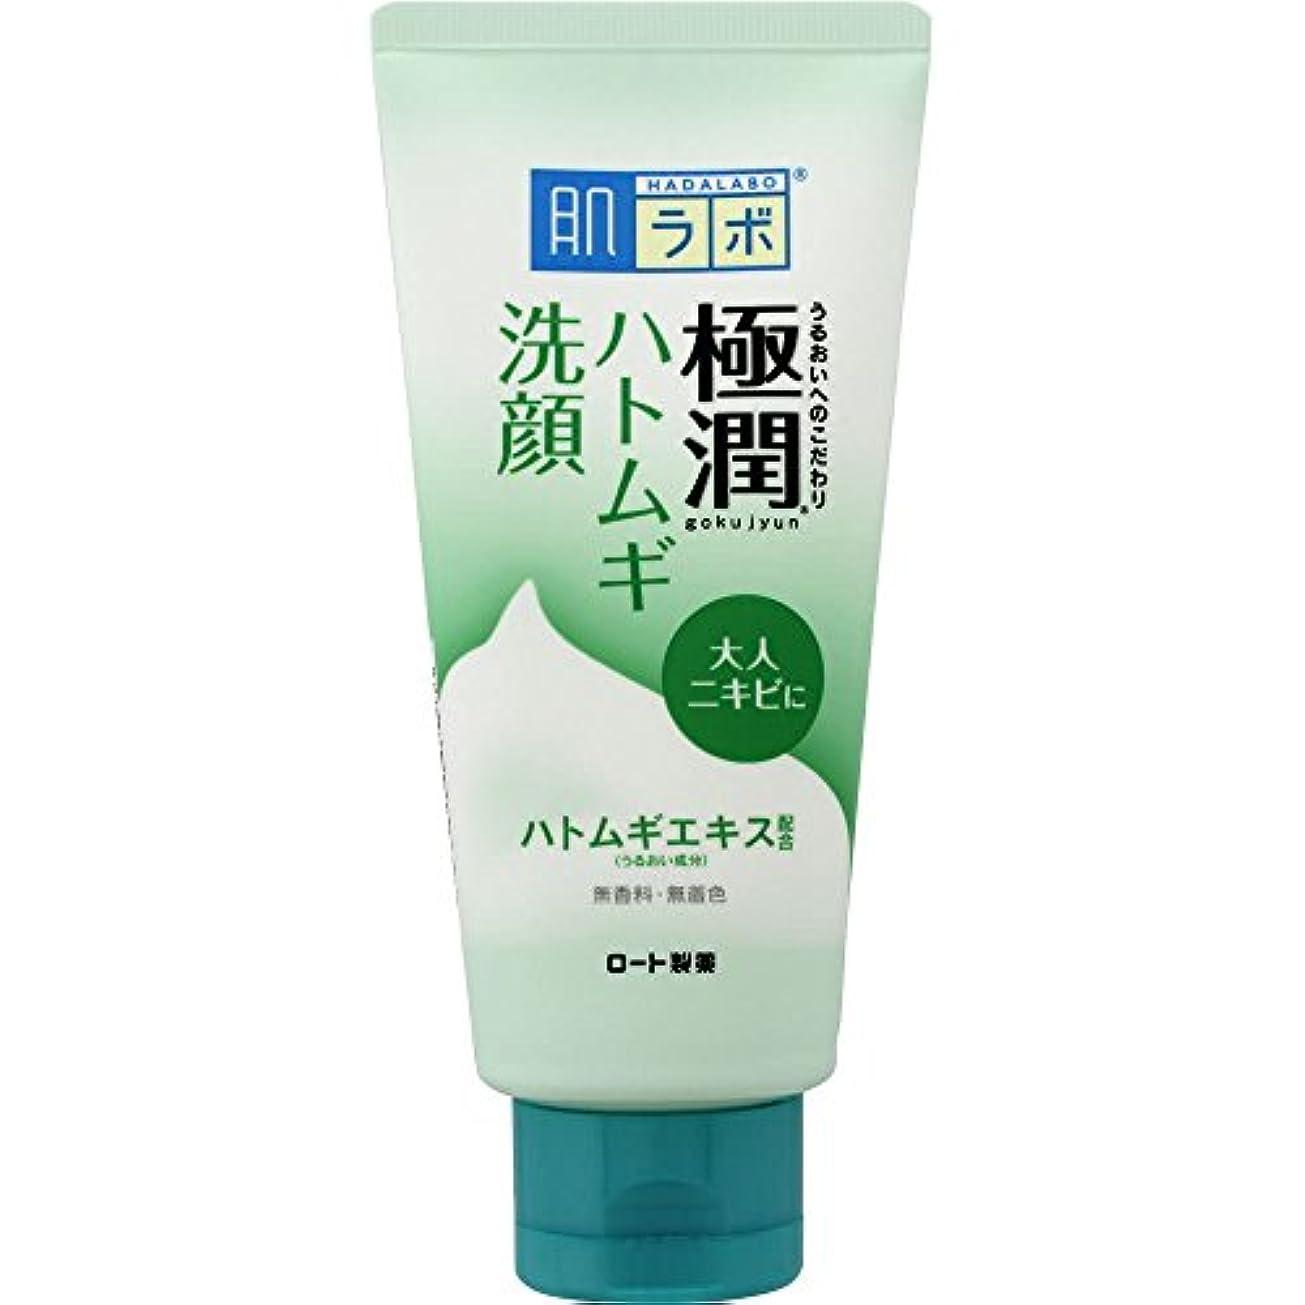 影響力のある送金事実上肌ラボ 極潤 毛穴洗浄 大人ニキビ予防 ハトムギ洗顔フォーム 100g